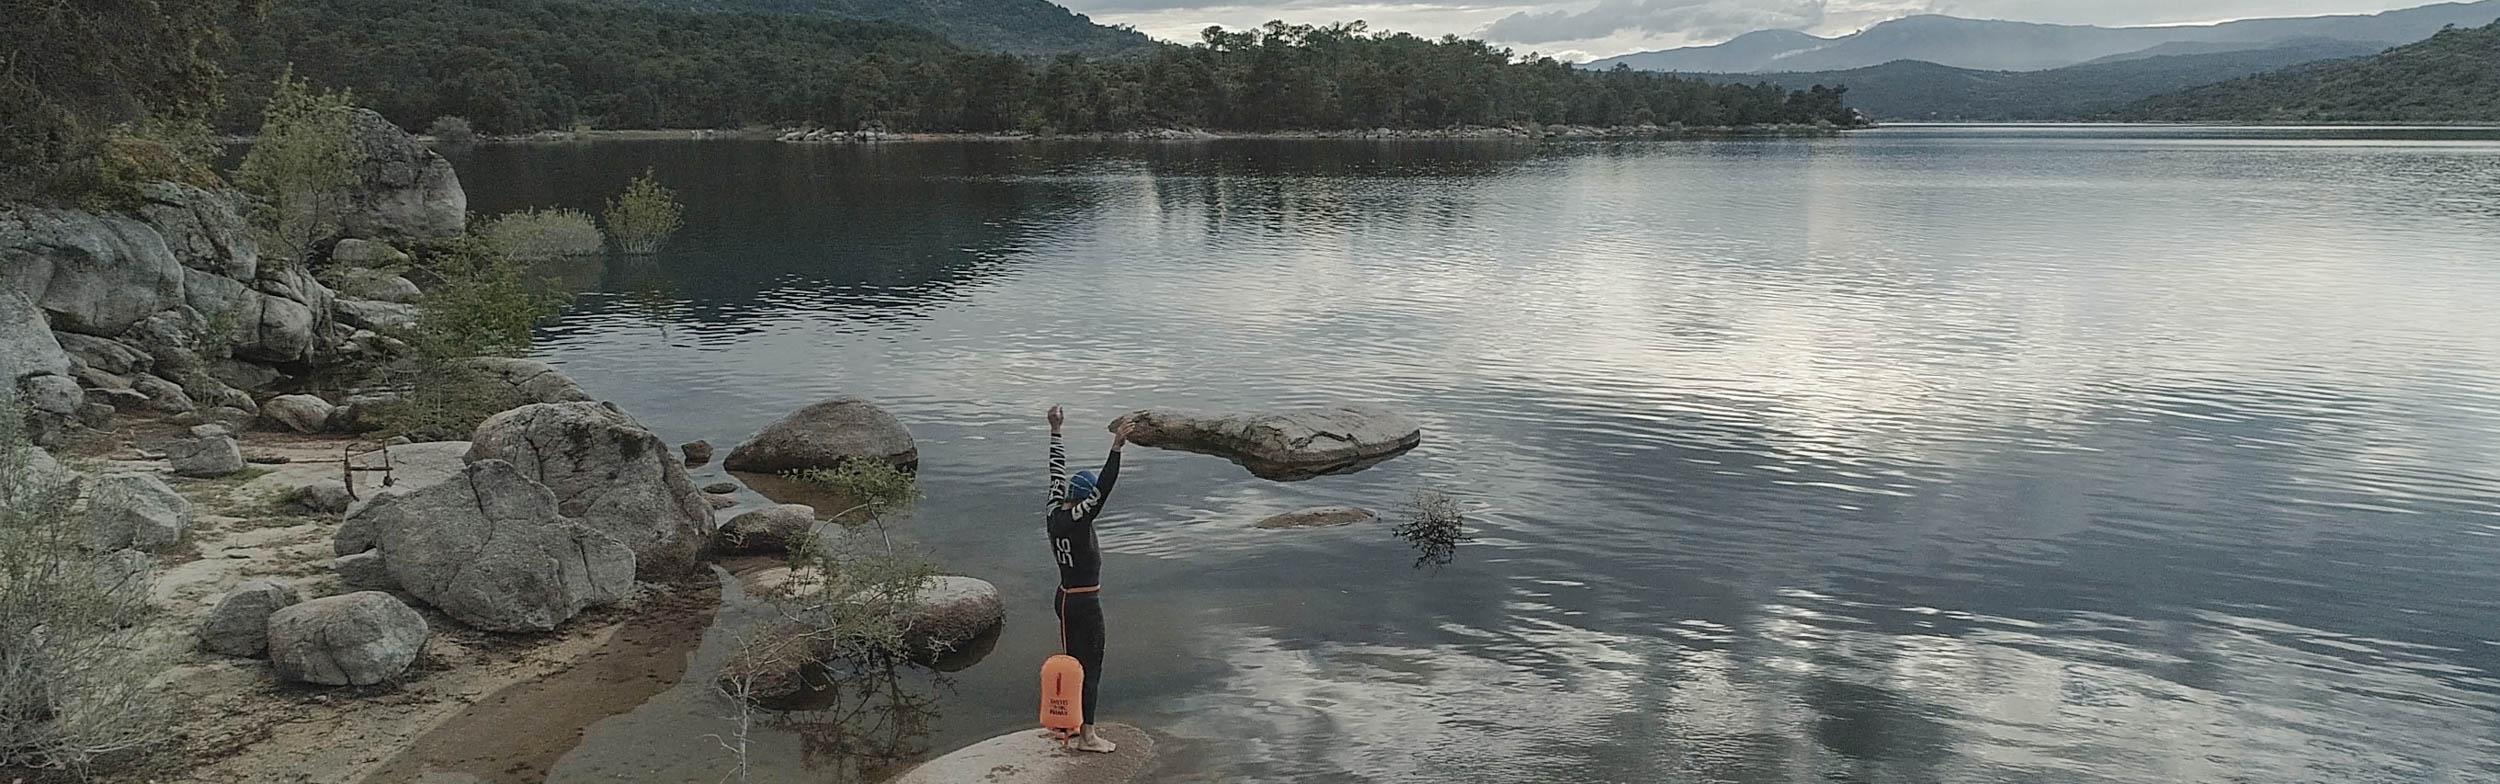 Nacho-Dean-STILL-LAKE-PANO2